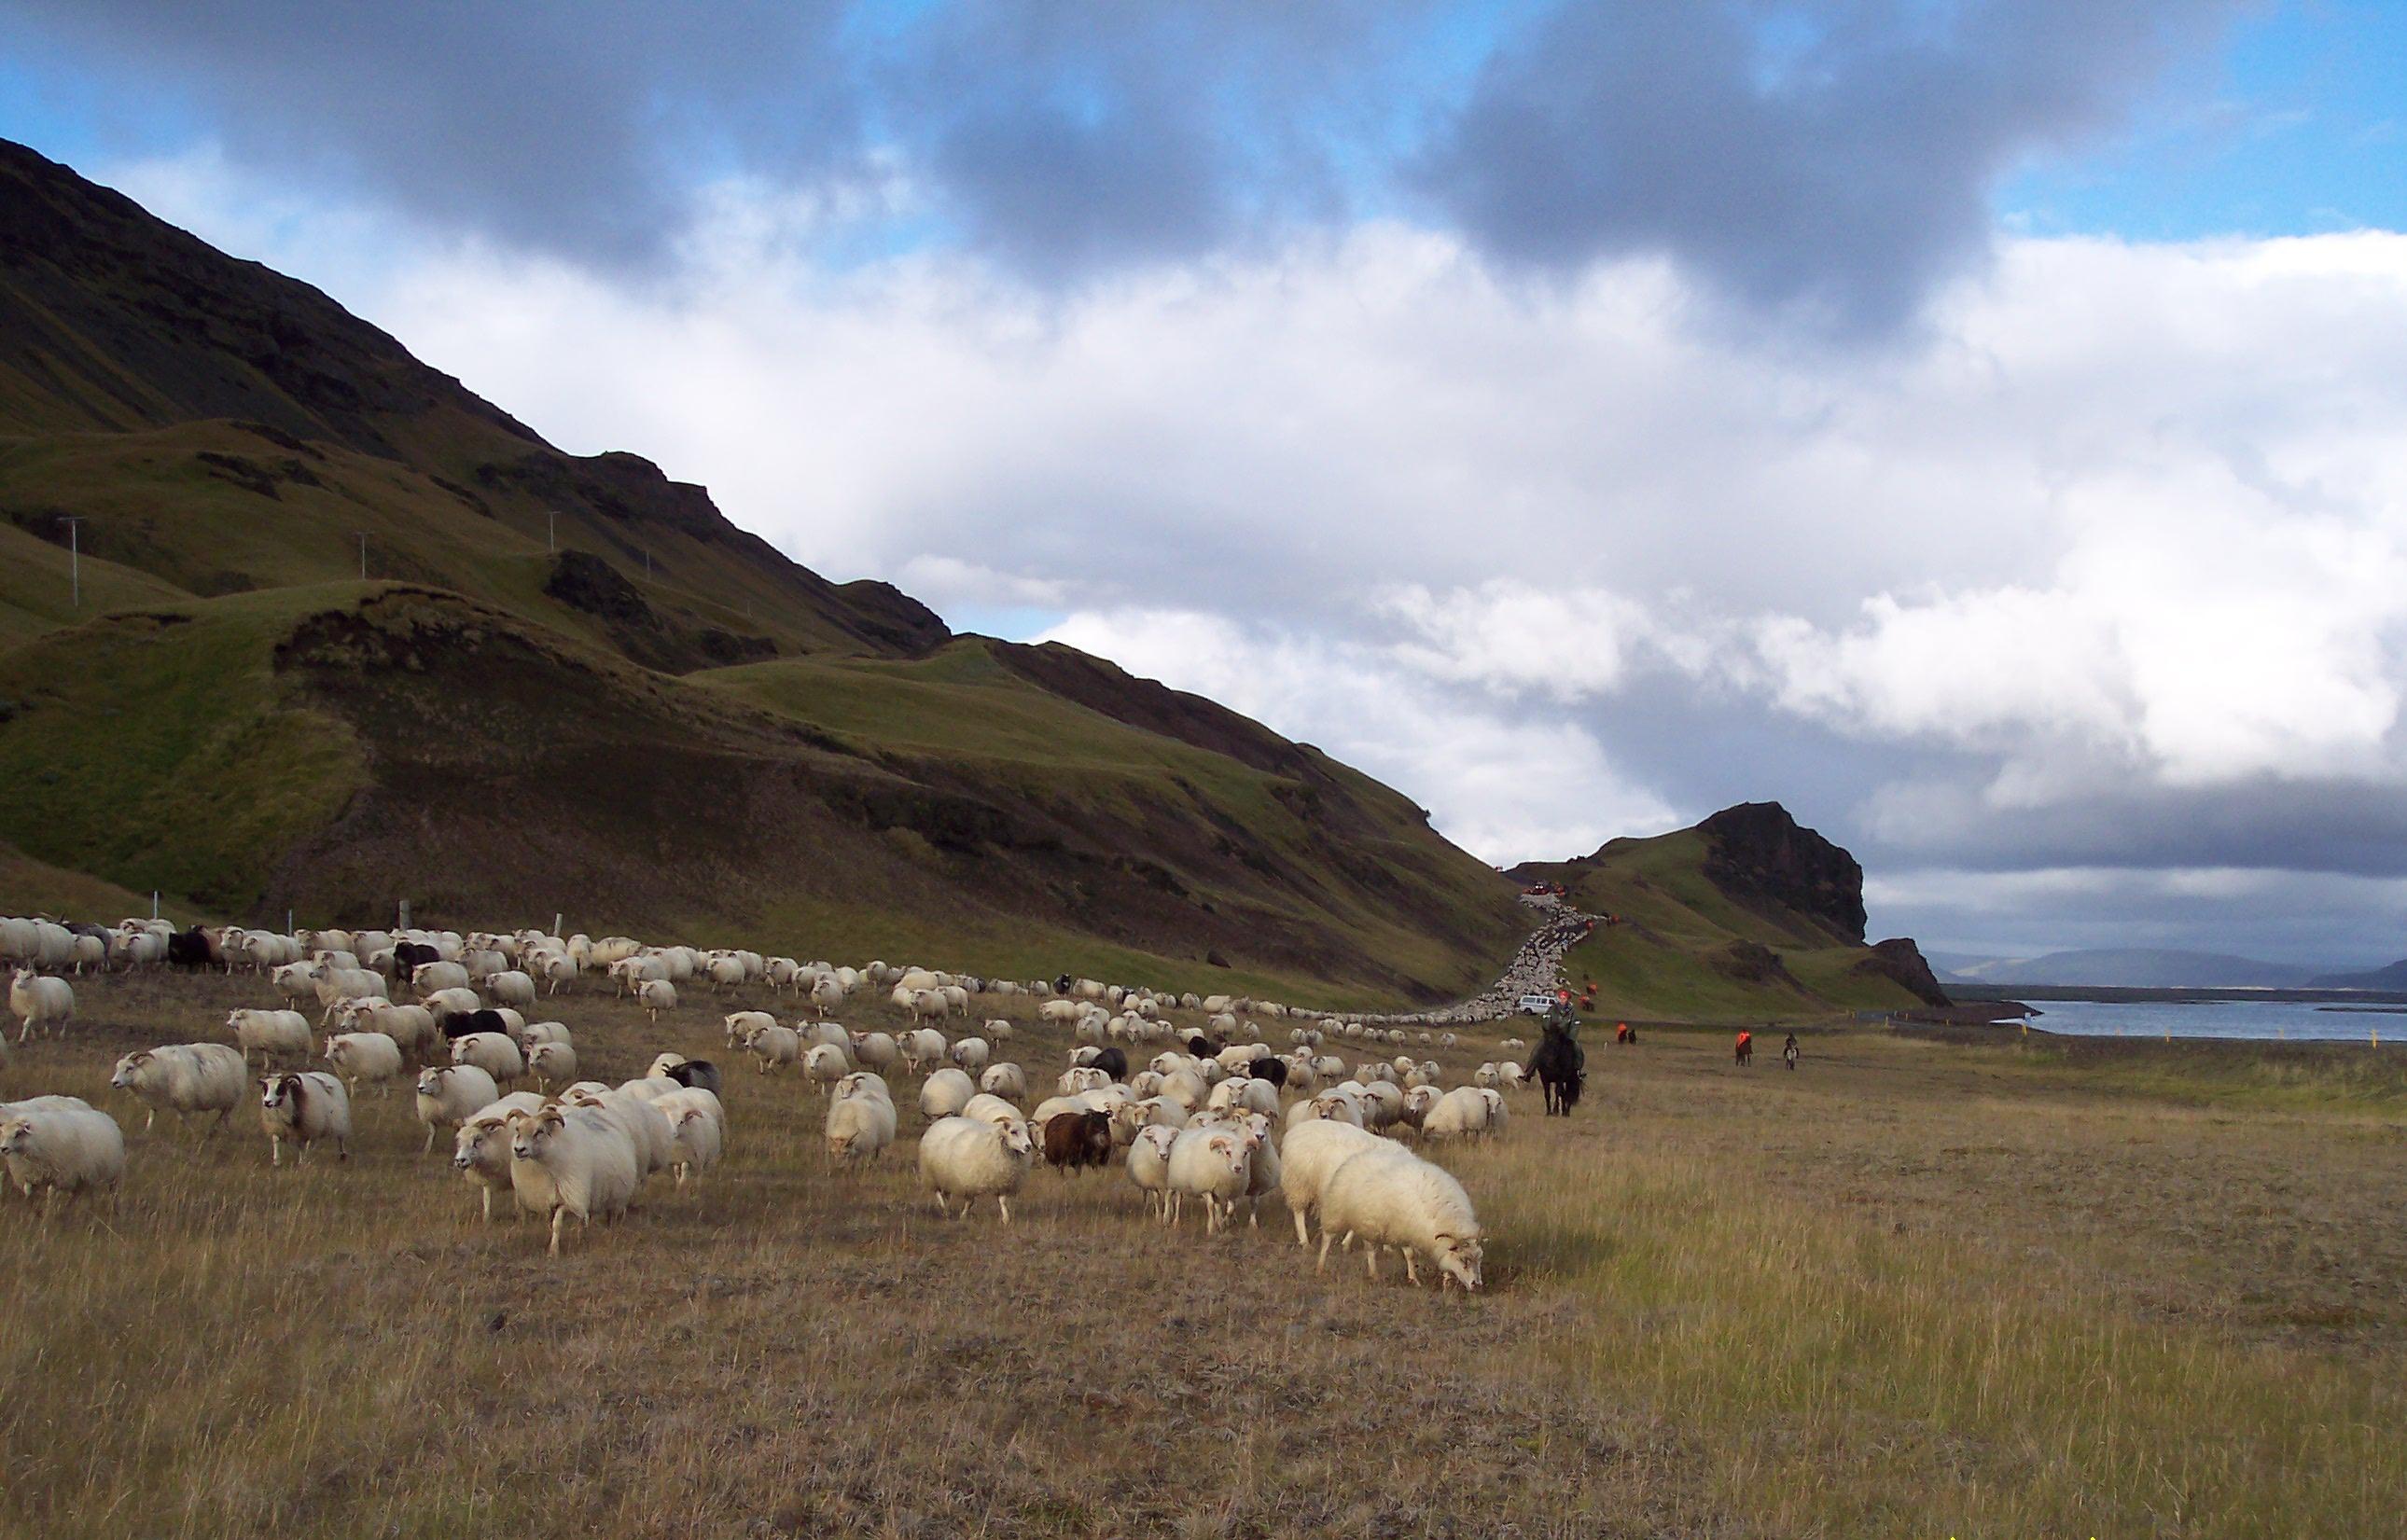 Abtrieb der Schafe im Þjórsádalur nahe der Hekla